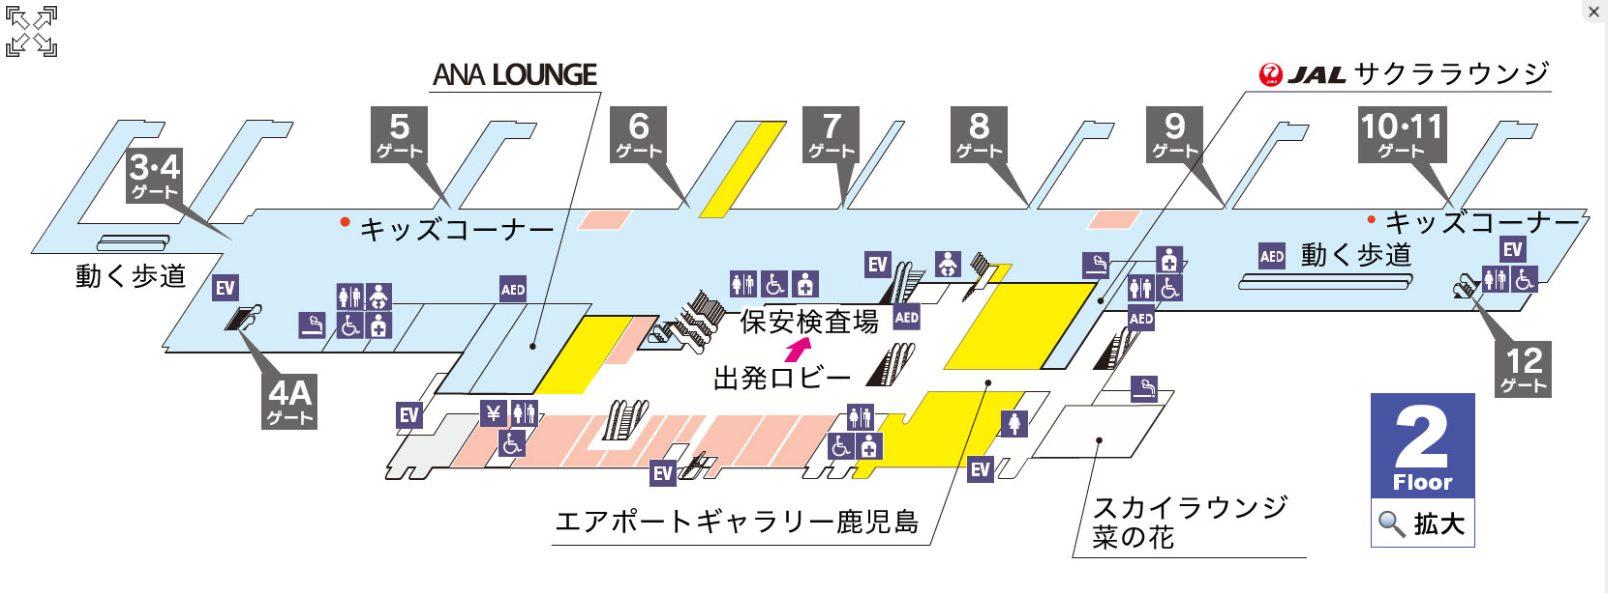 鹿児島空港ANAラウンジマップ